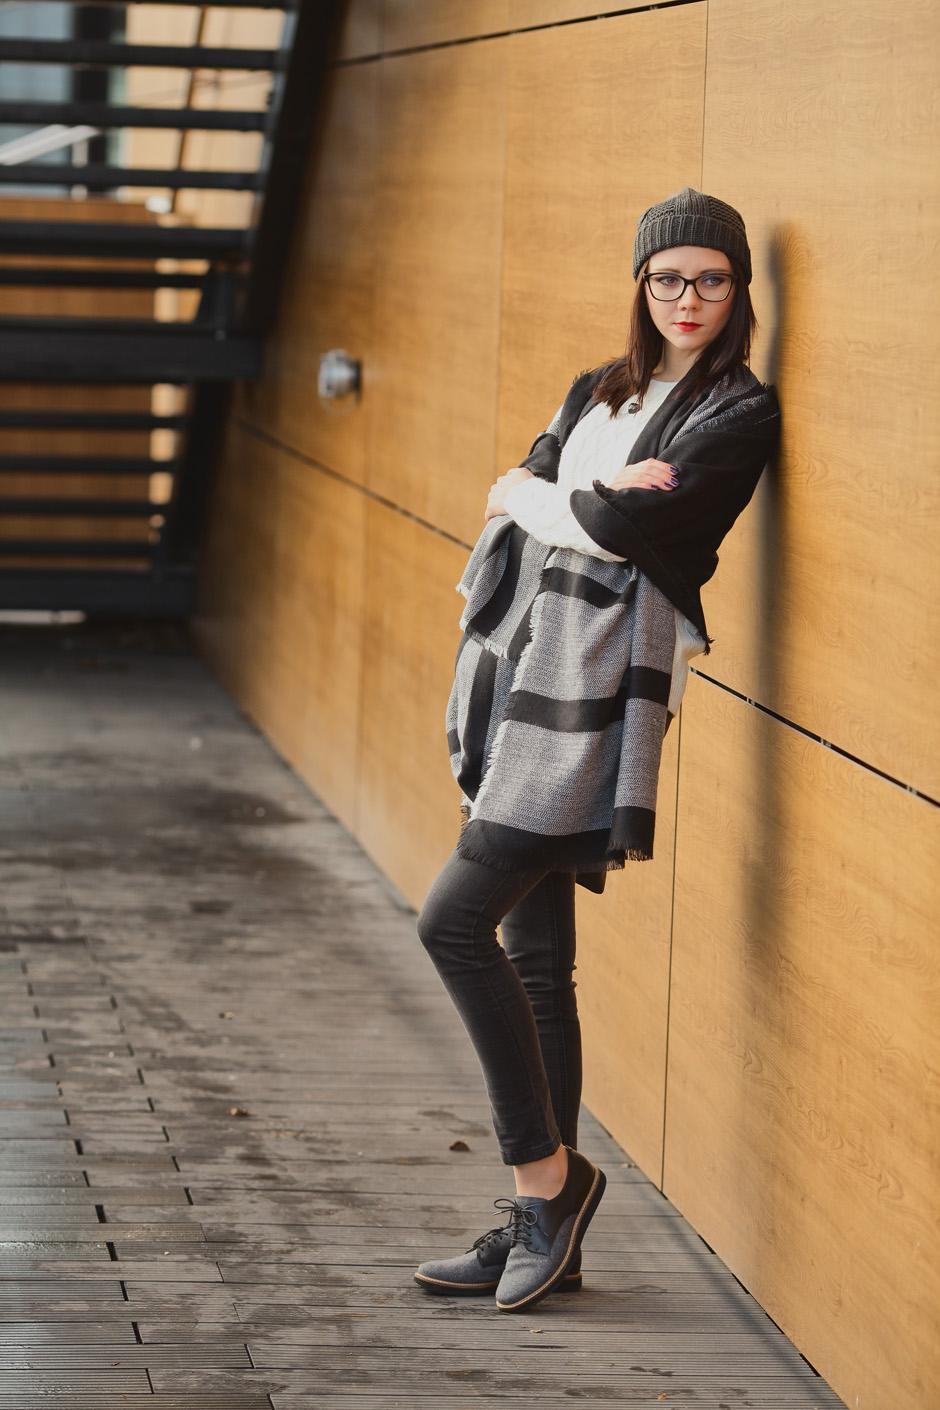 zimowa-stylizacja-filcowe-buty-clarks-bialy-sweter-i-wisior-z-wegla-37